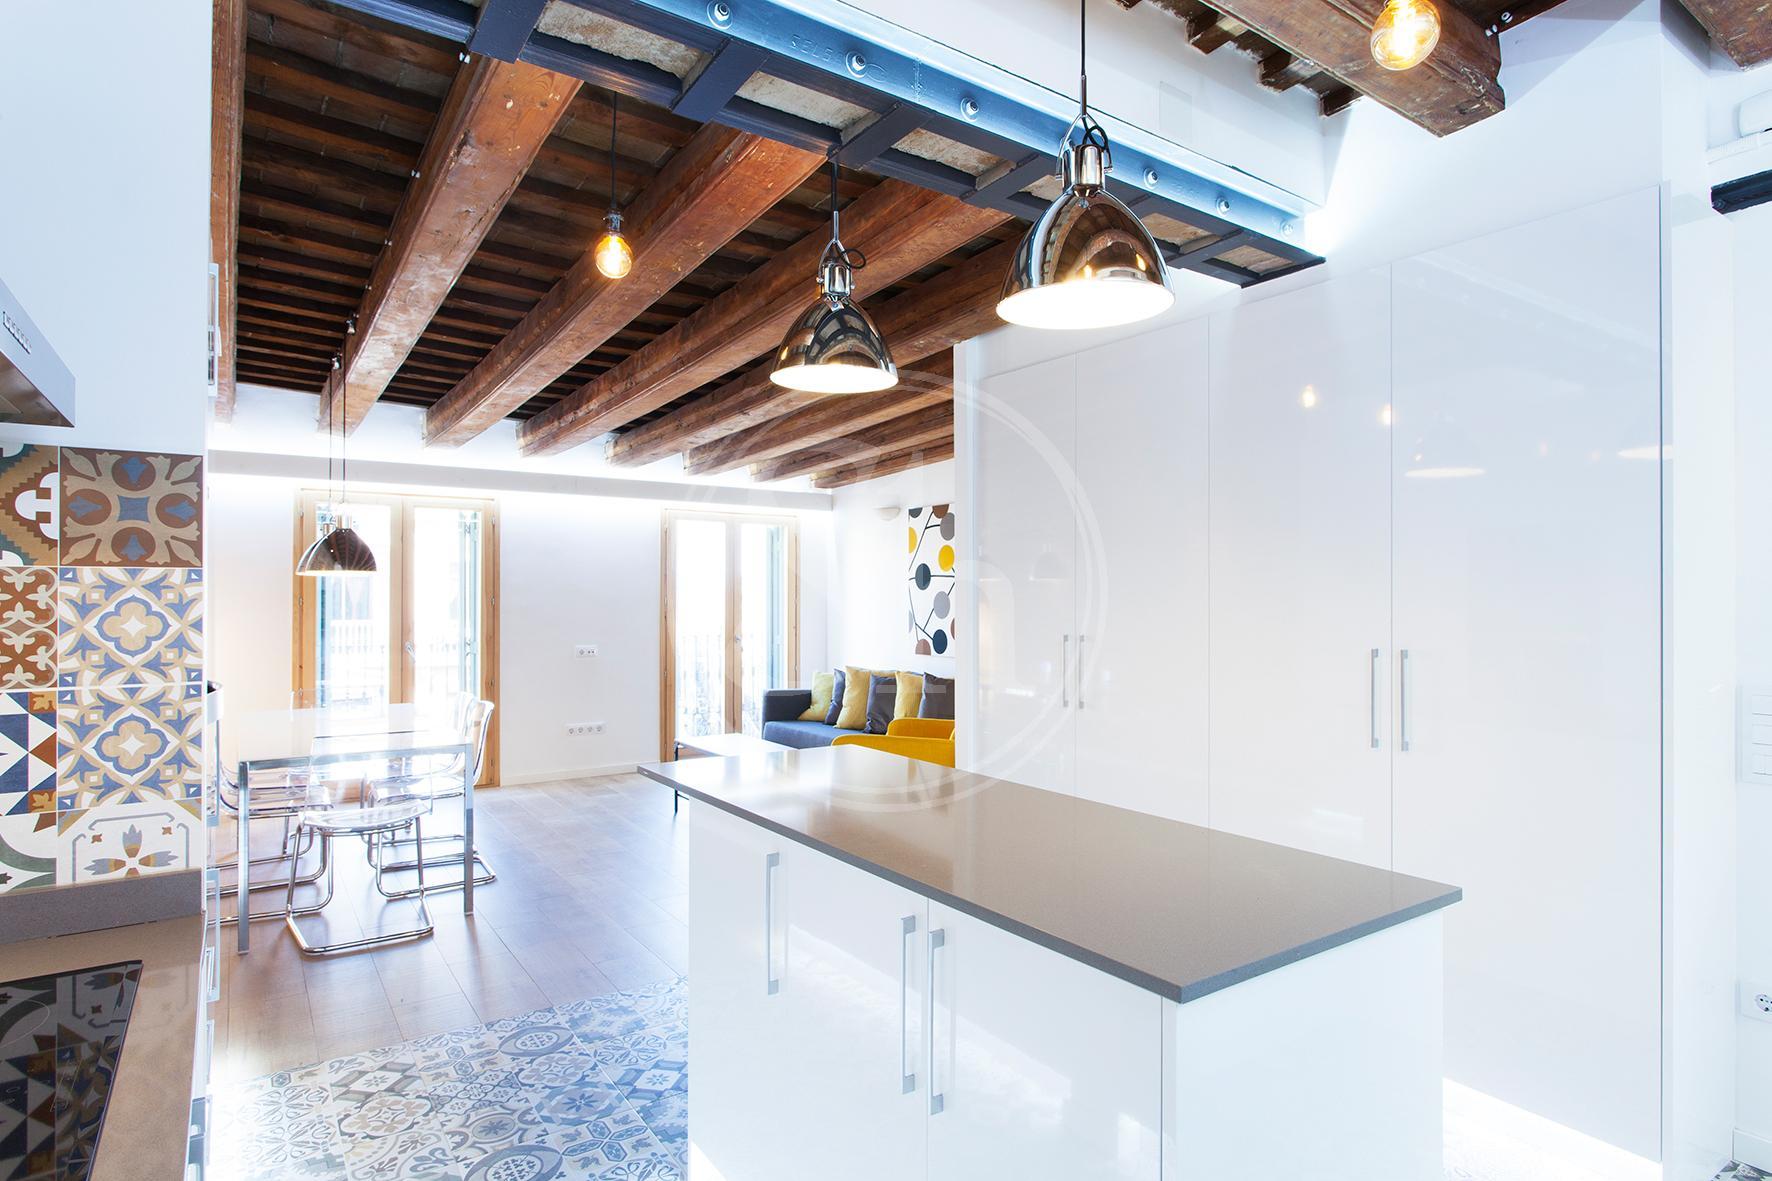 Exclusivo piso en alquiler por temporadas en Carrer de Fontanella